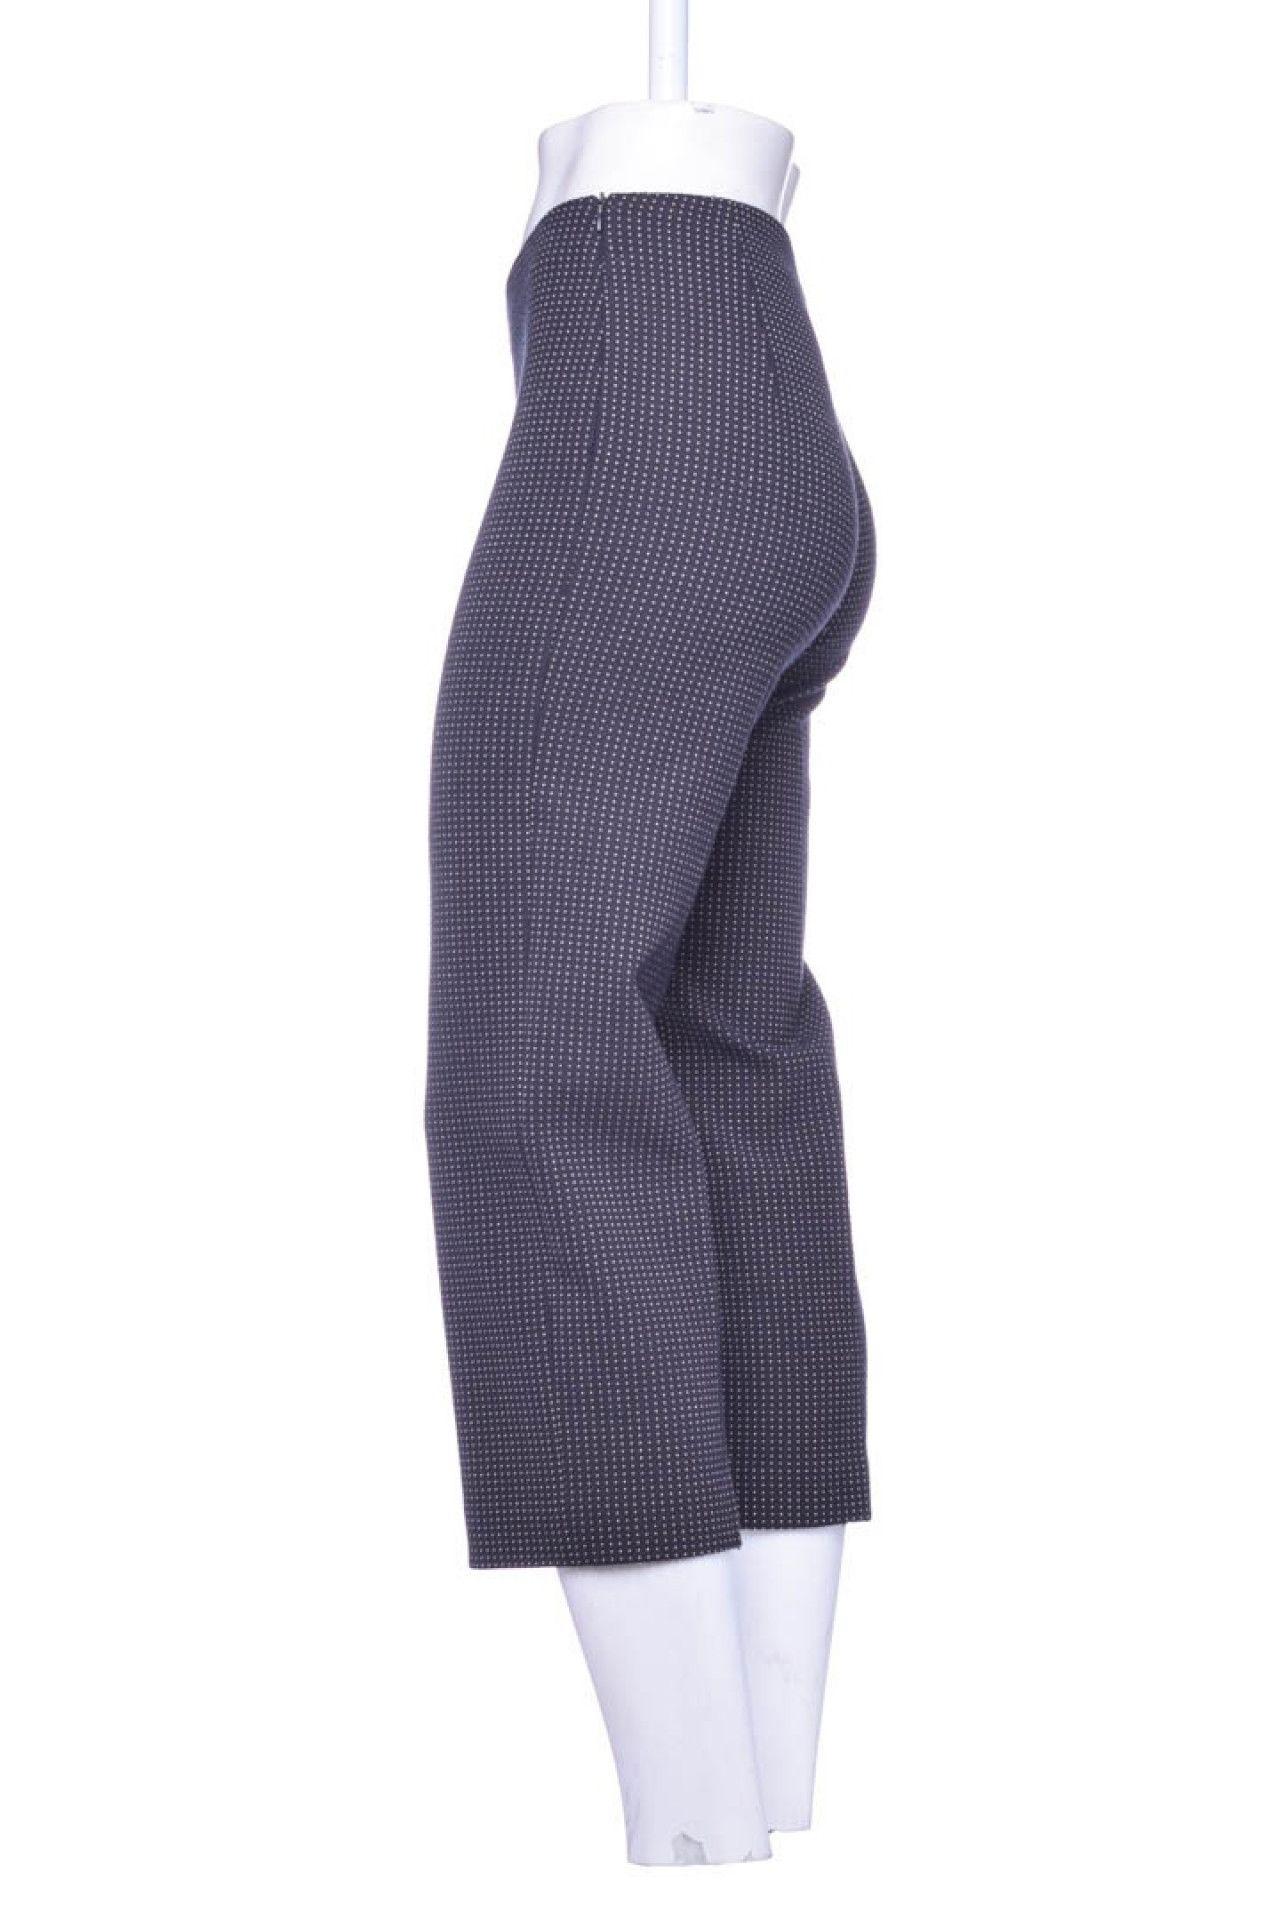 Zara - Calça Azul Textura  - Foto 2